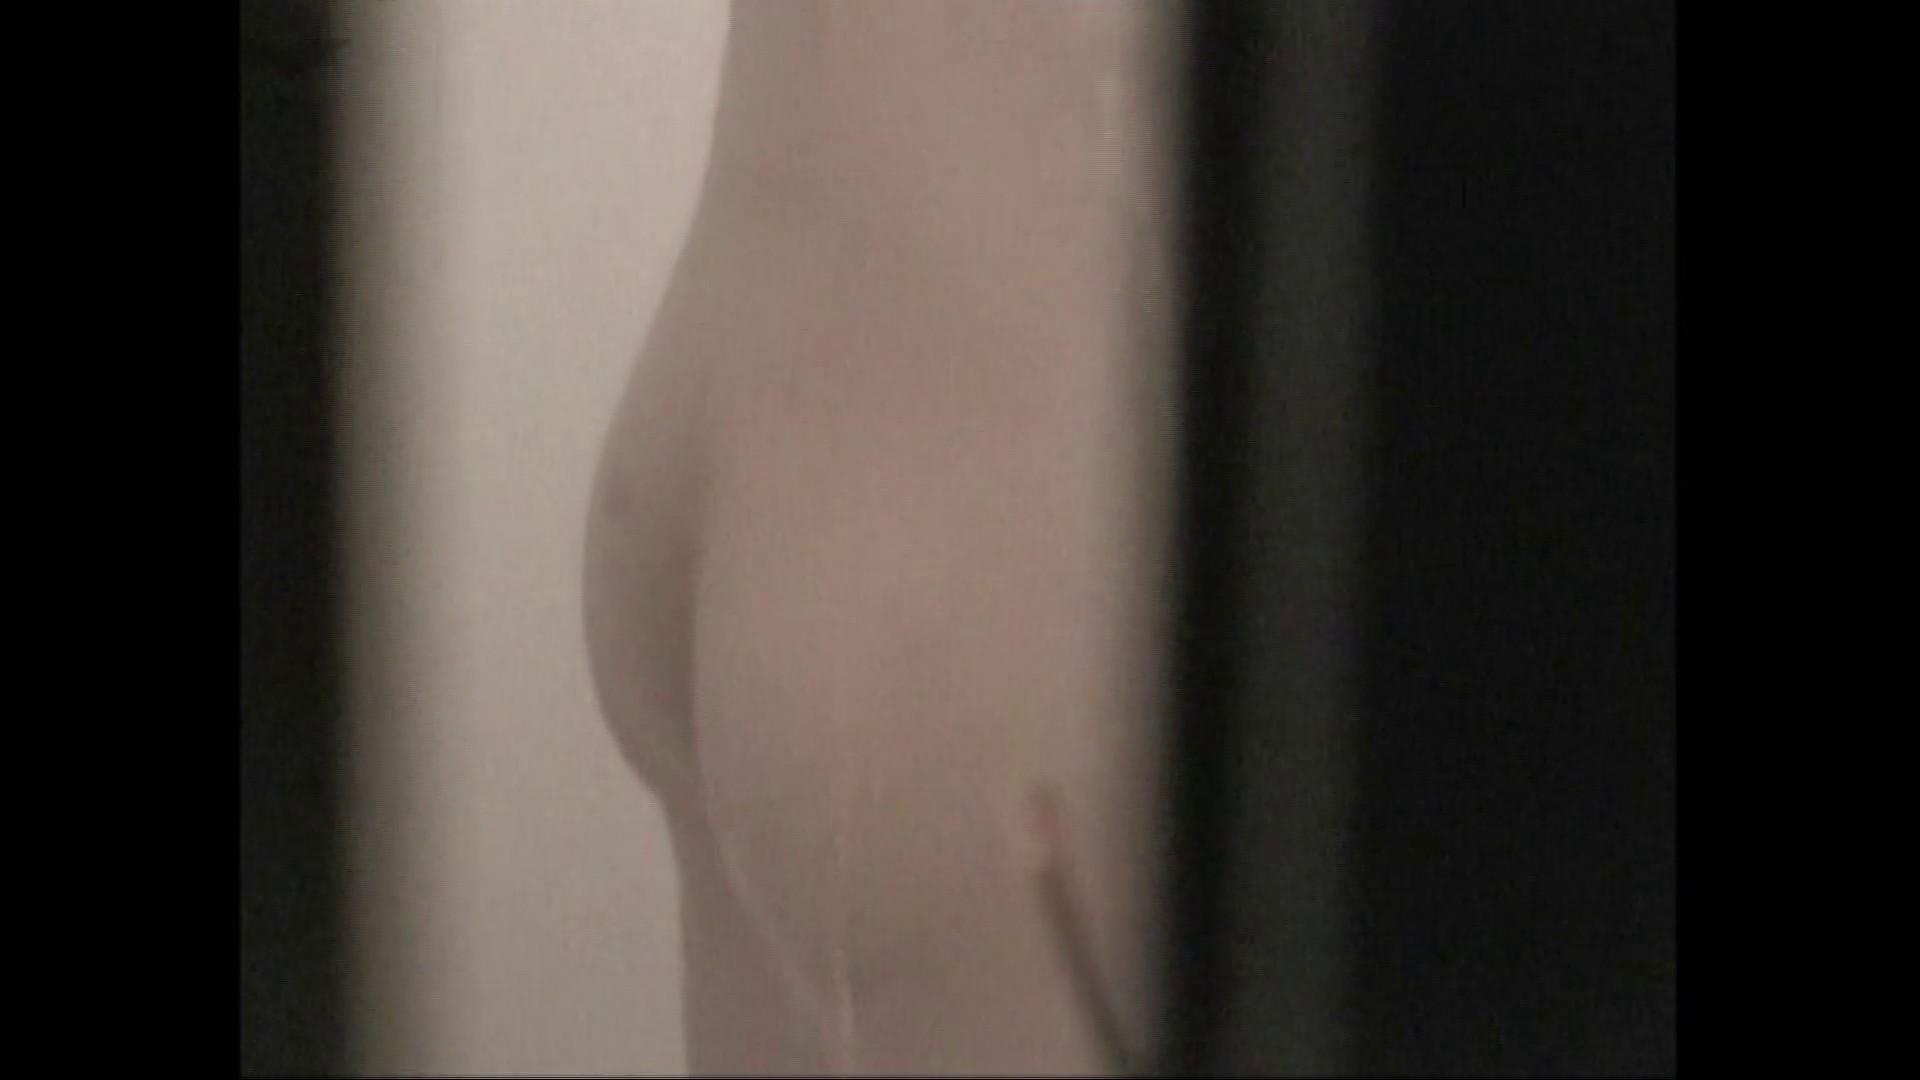 隙間からノゾク風呂 Vol.29 股をグイッとひらいて・・・。 入浴中の女性 | OLのボディ  69PIX 53